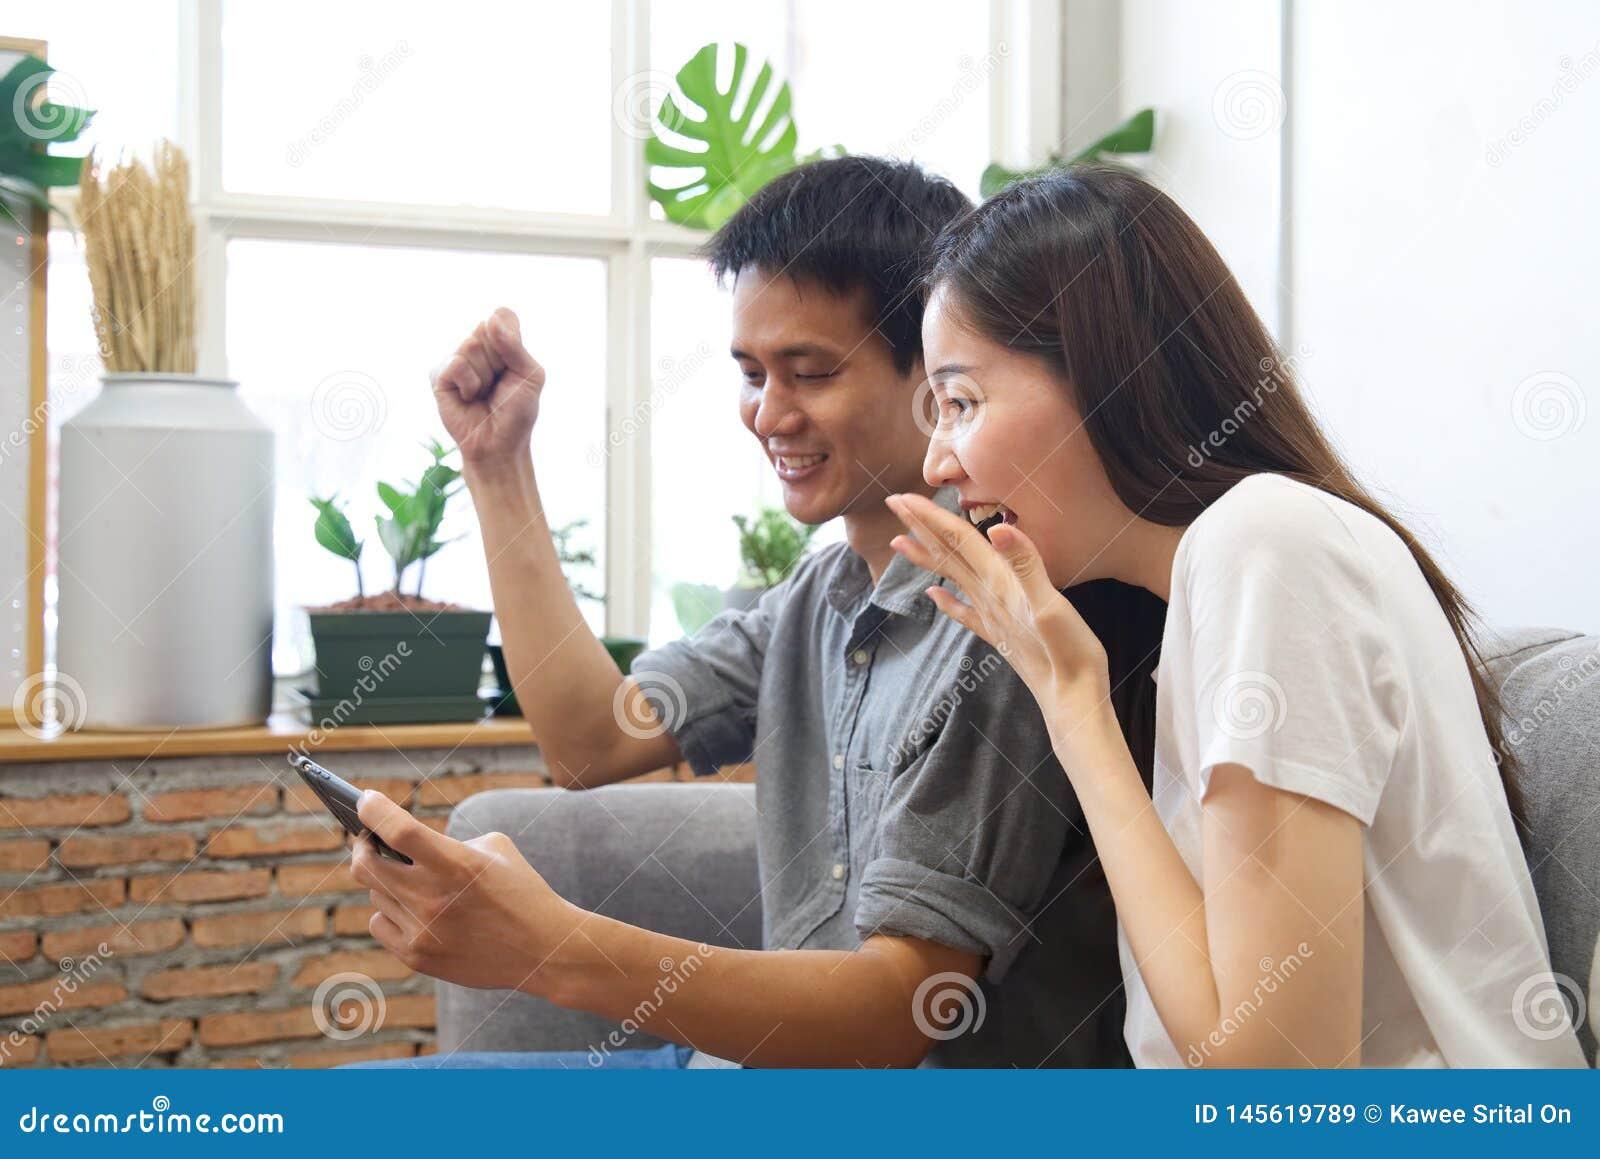 Unga par som sitter på soffan, håller ögonen på mobiltelefonen och känner sig surprise&happy